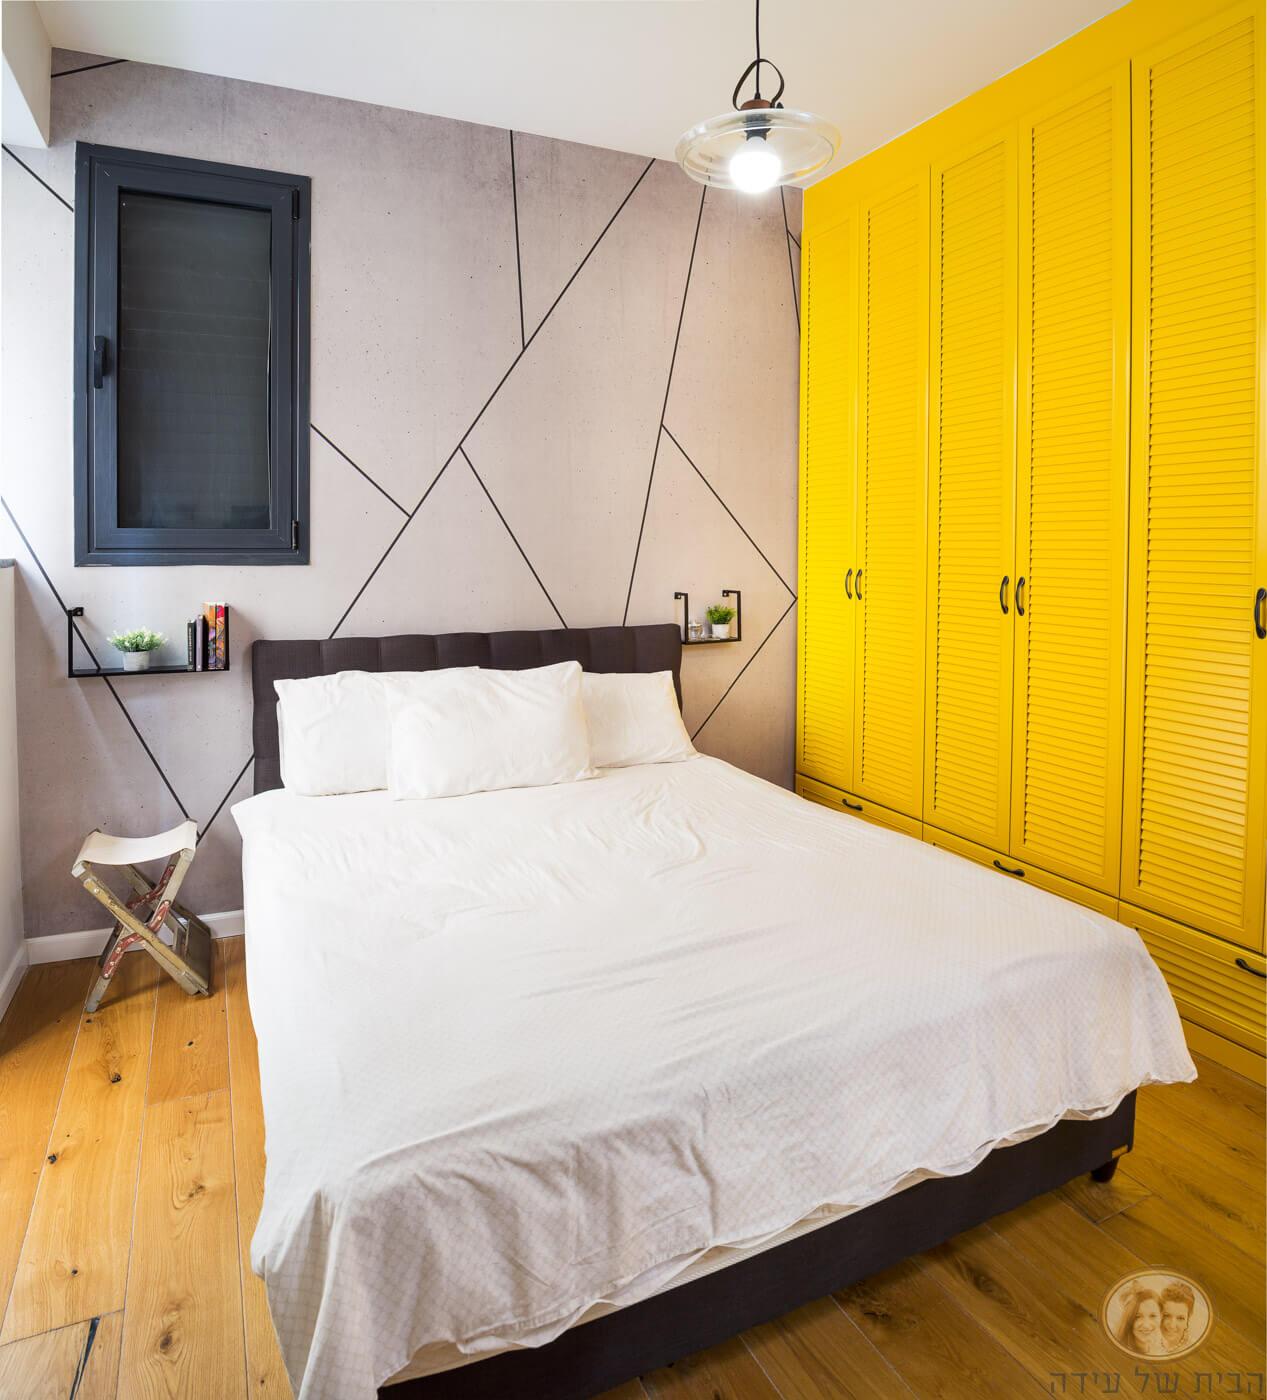 עיצוב חדר שינה בסגנון מנימלסטי